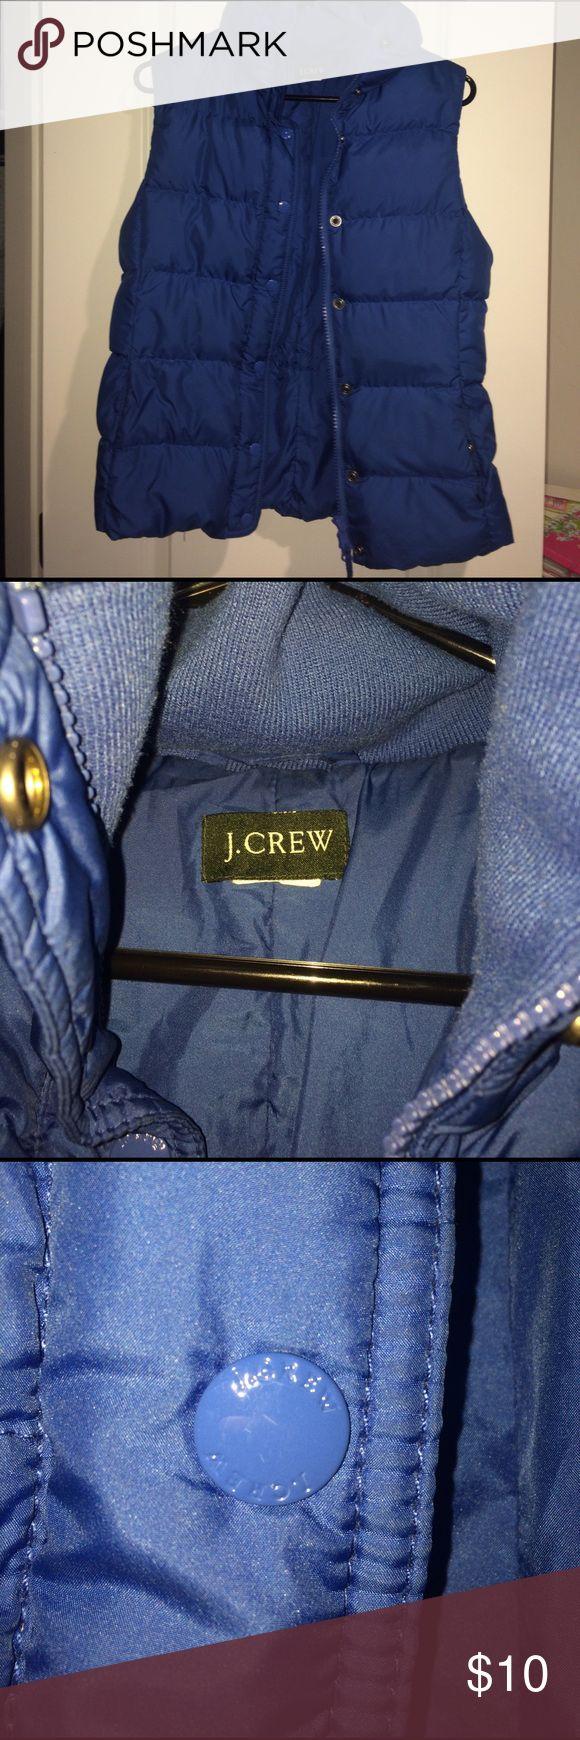 J crew puffer vest Blue zip up j crew puffer vest J. Crew Jackets & Coats Vests